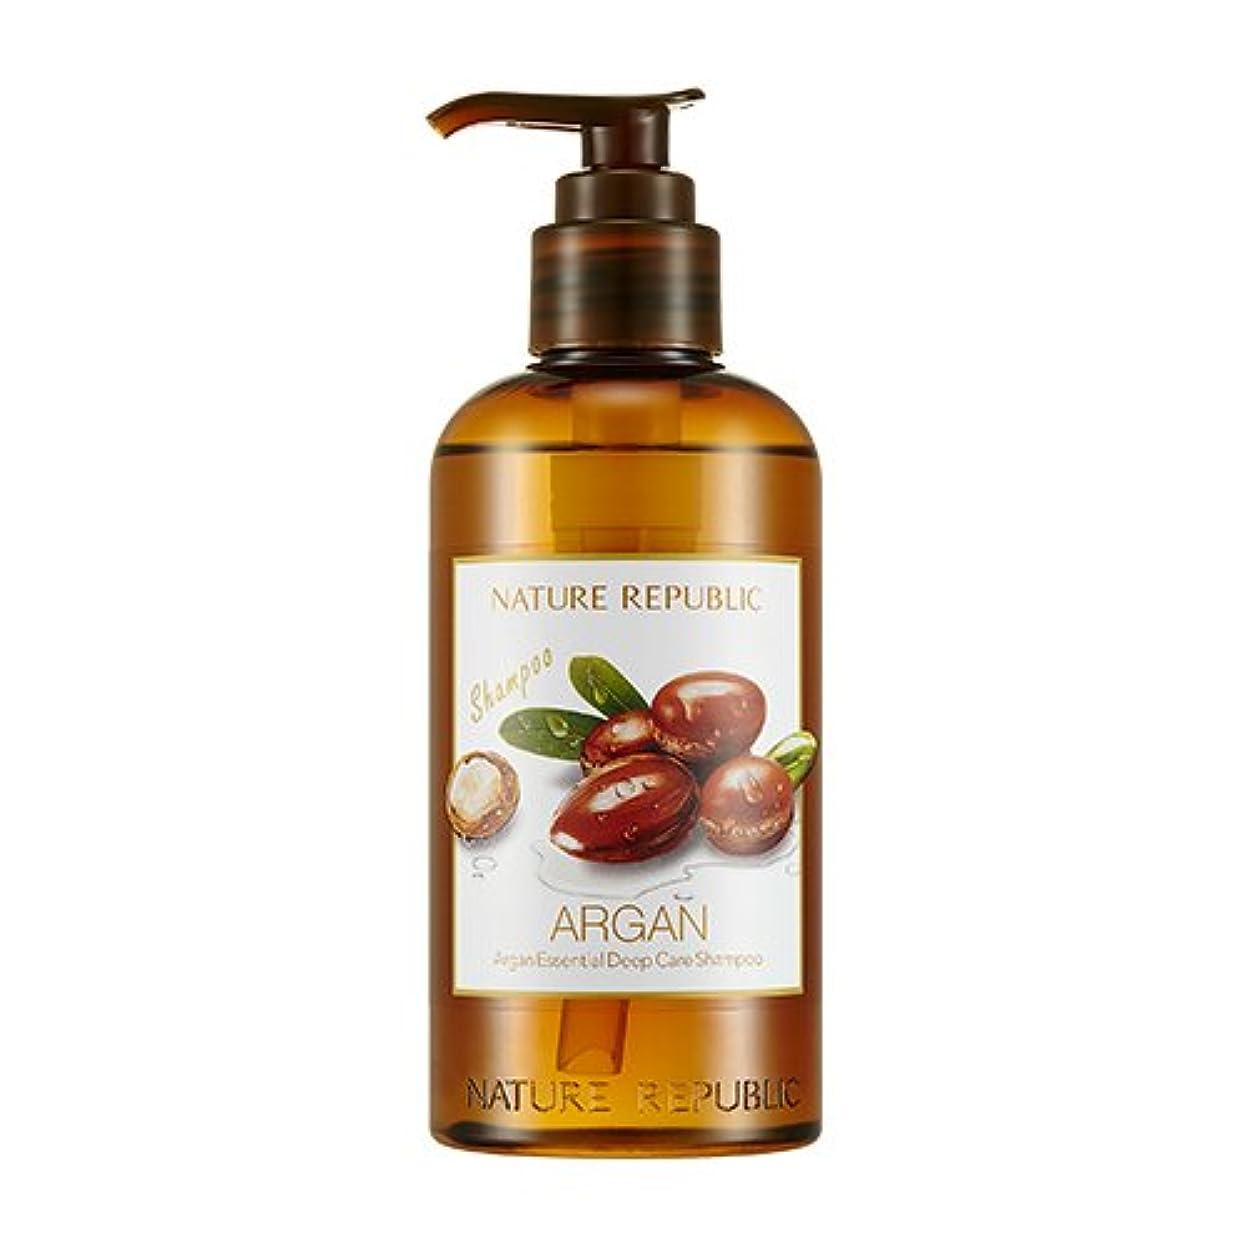 上に築きます解体するシャッフル[ Renewal ]ネイチャーリパブリック NATURE REPUBLIC アルガン エッセンシャル ディープ ケア シャンプー Argan Essential Deep Care Shampoo 300ml [並行輸入品]